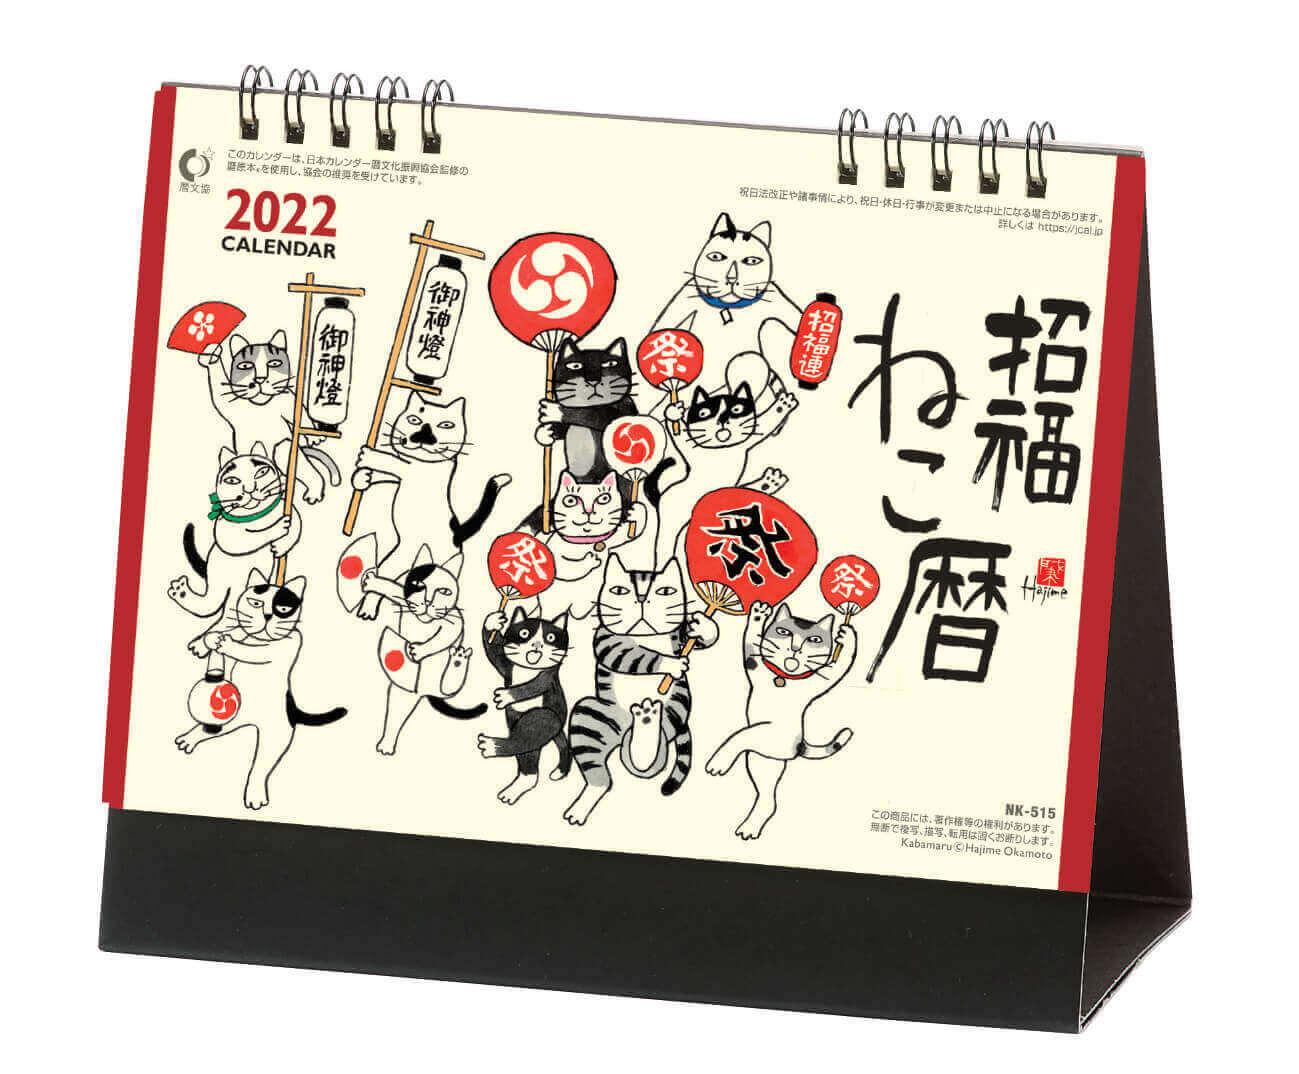 卓上・招福ねこ暦 -岡本肇- 2022年カレンダーの画像